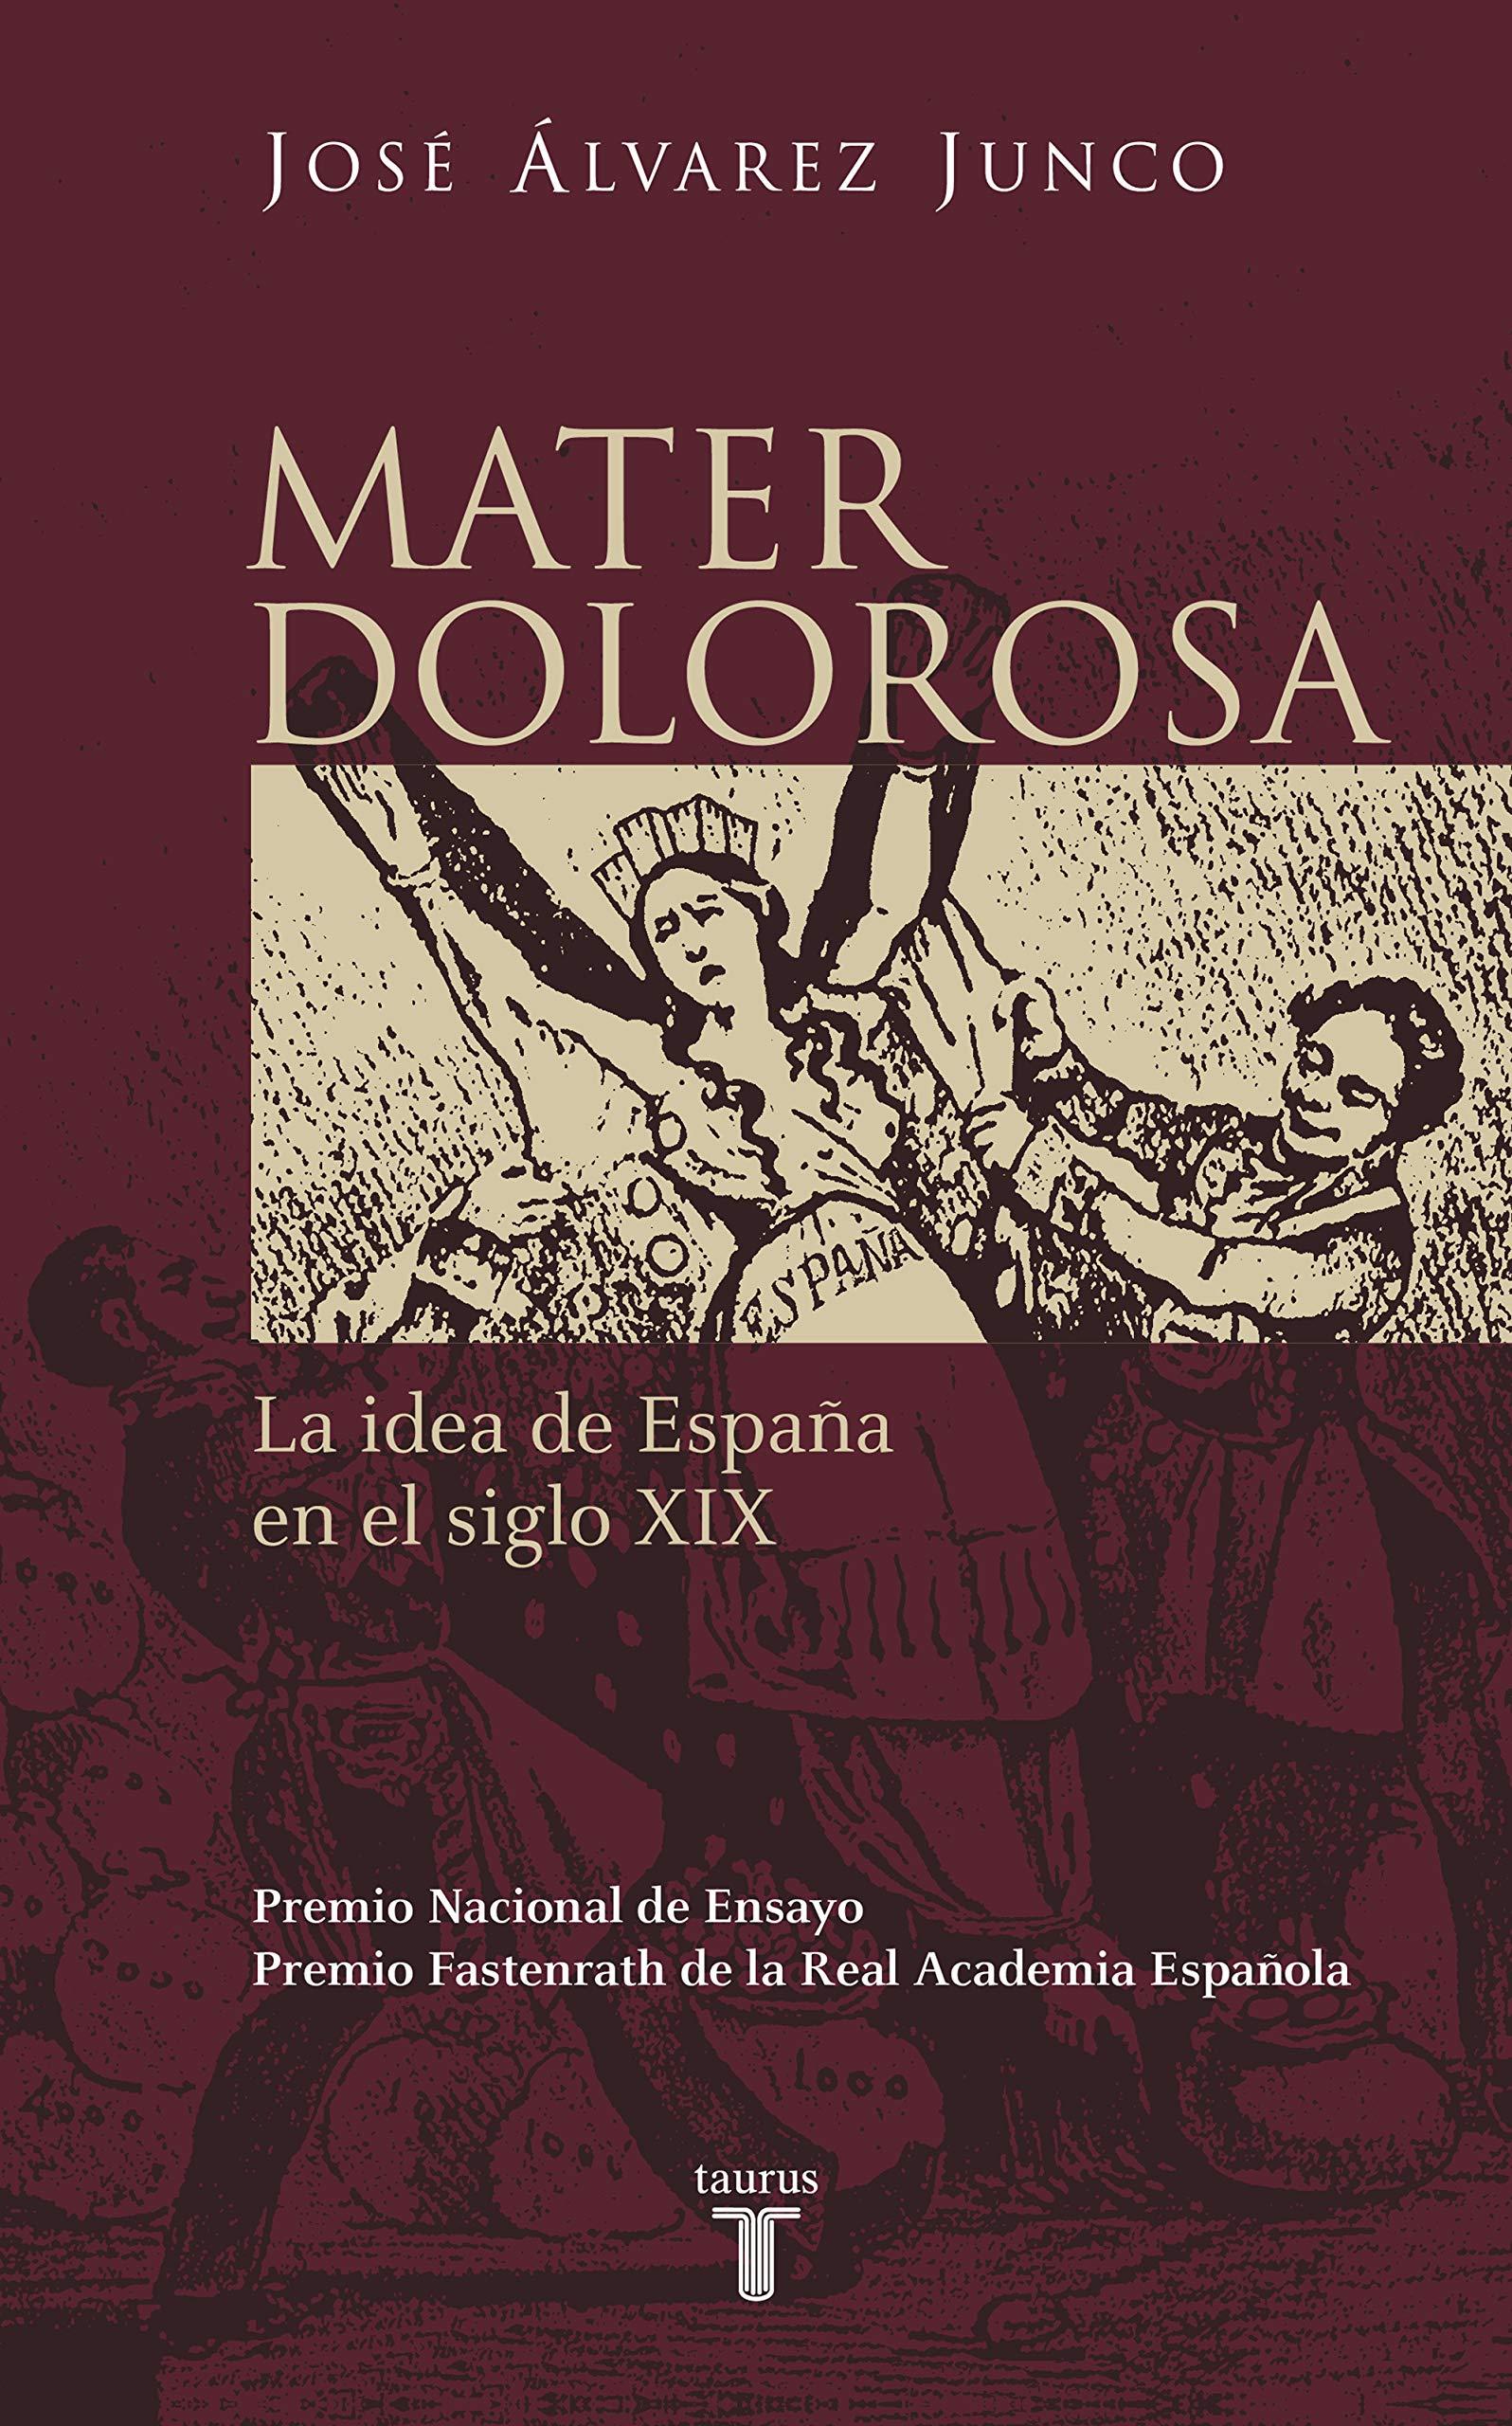 Mater dolorosa: La idea de España en el siglo XIX Historia: Amazon.es: Álvarez Junco, José: Libros